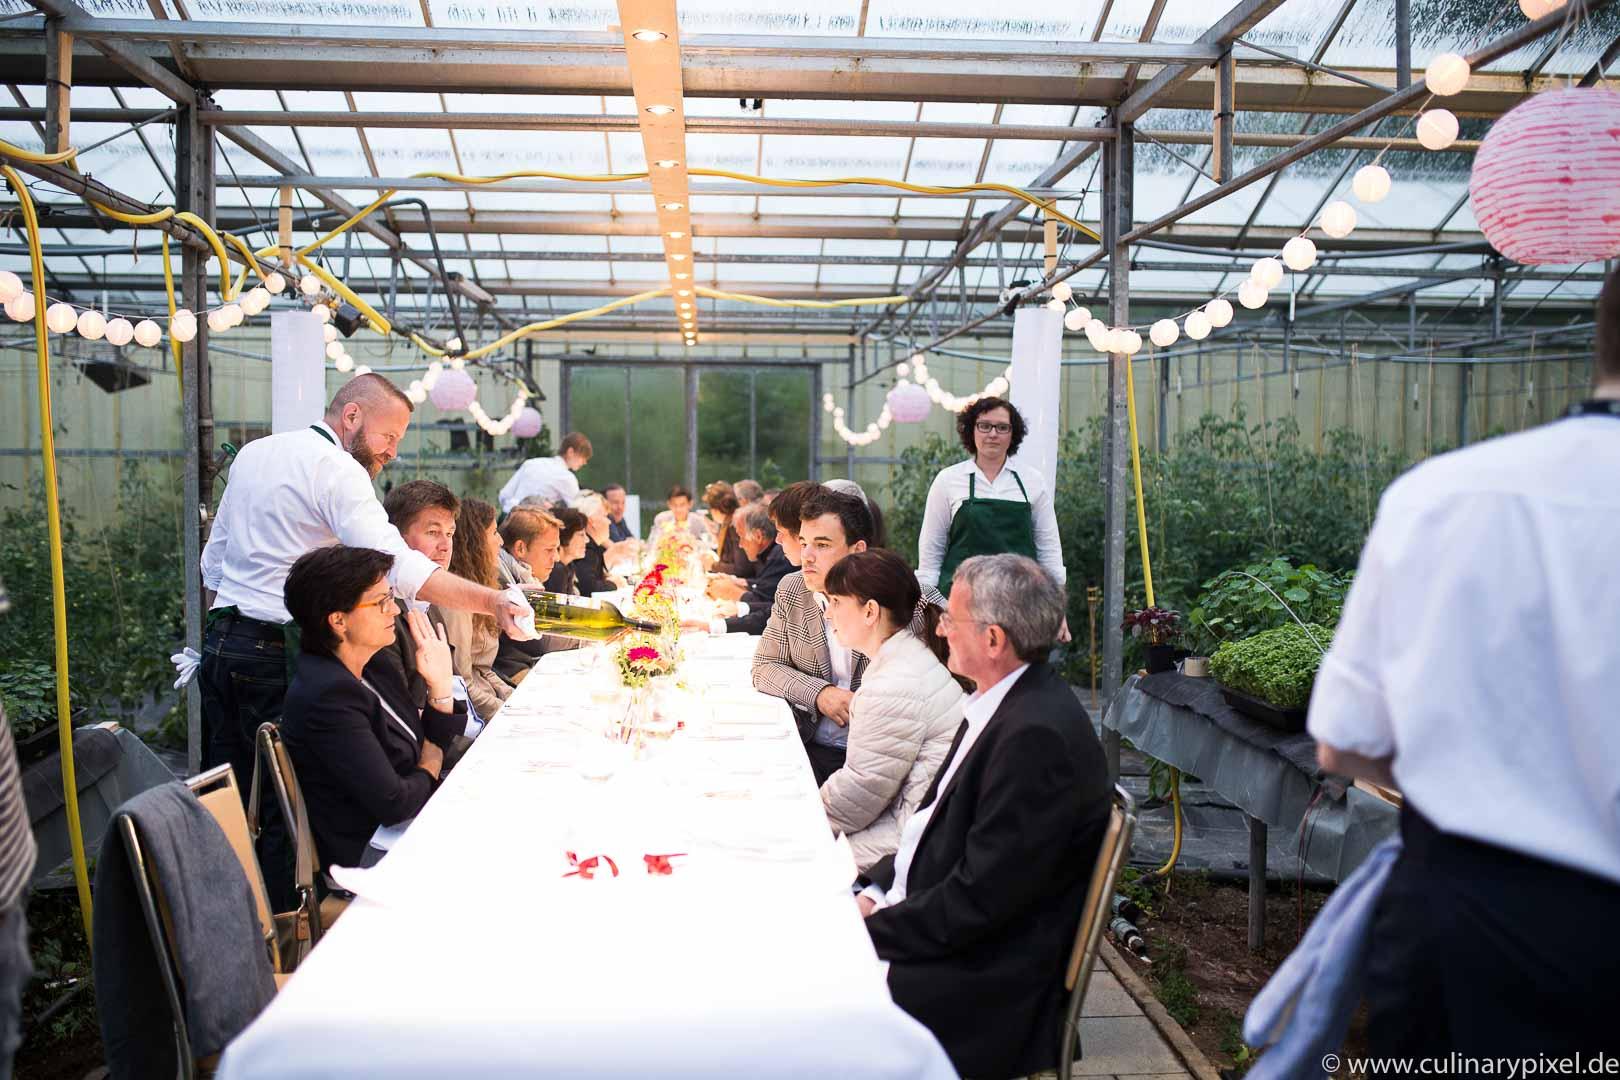 Tohru Nakamura Garden Table Geisels Werneckhof Tafel in der Gärtnerei